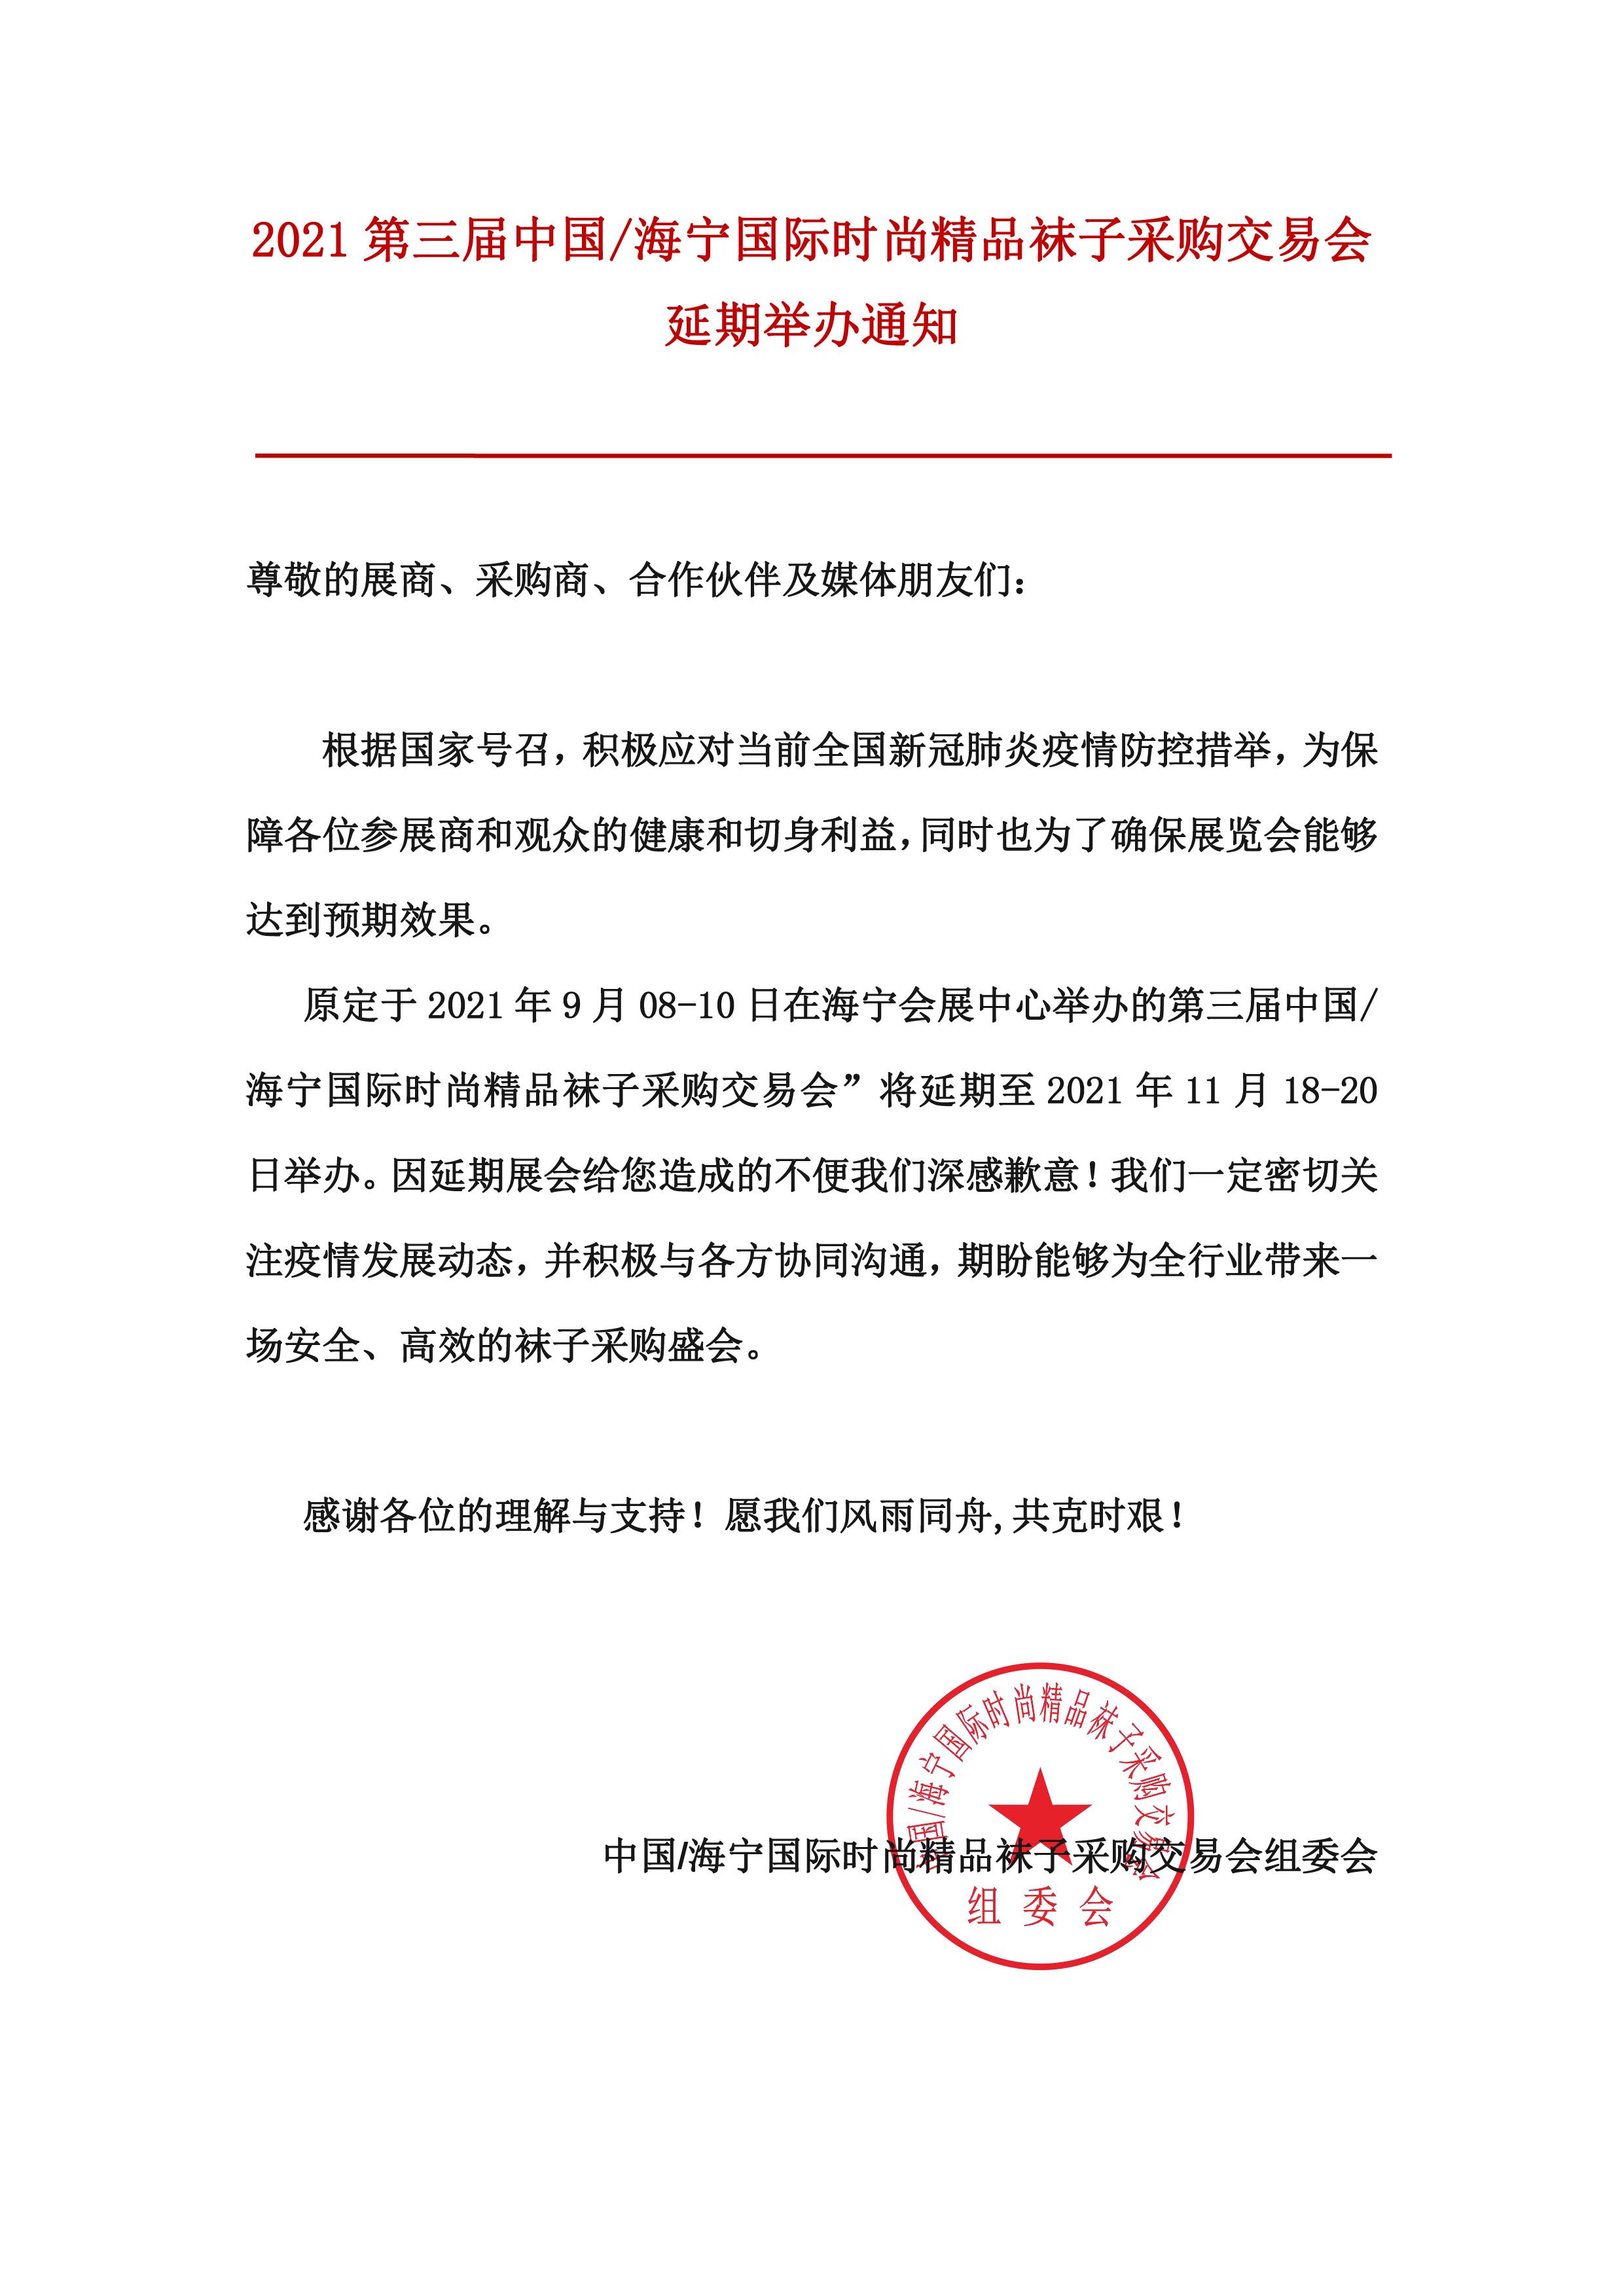 新建 DOC 文档 (4)_20210820084445-01.jpg